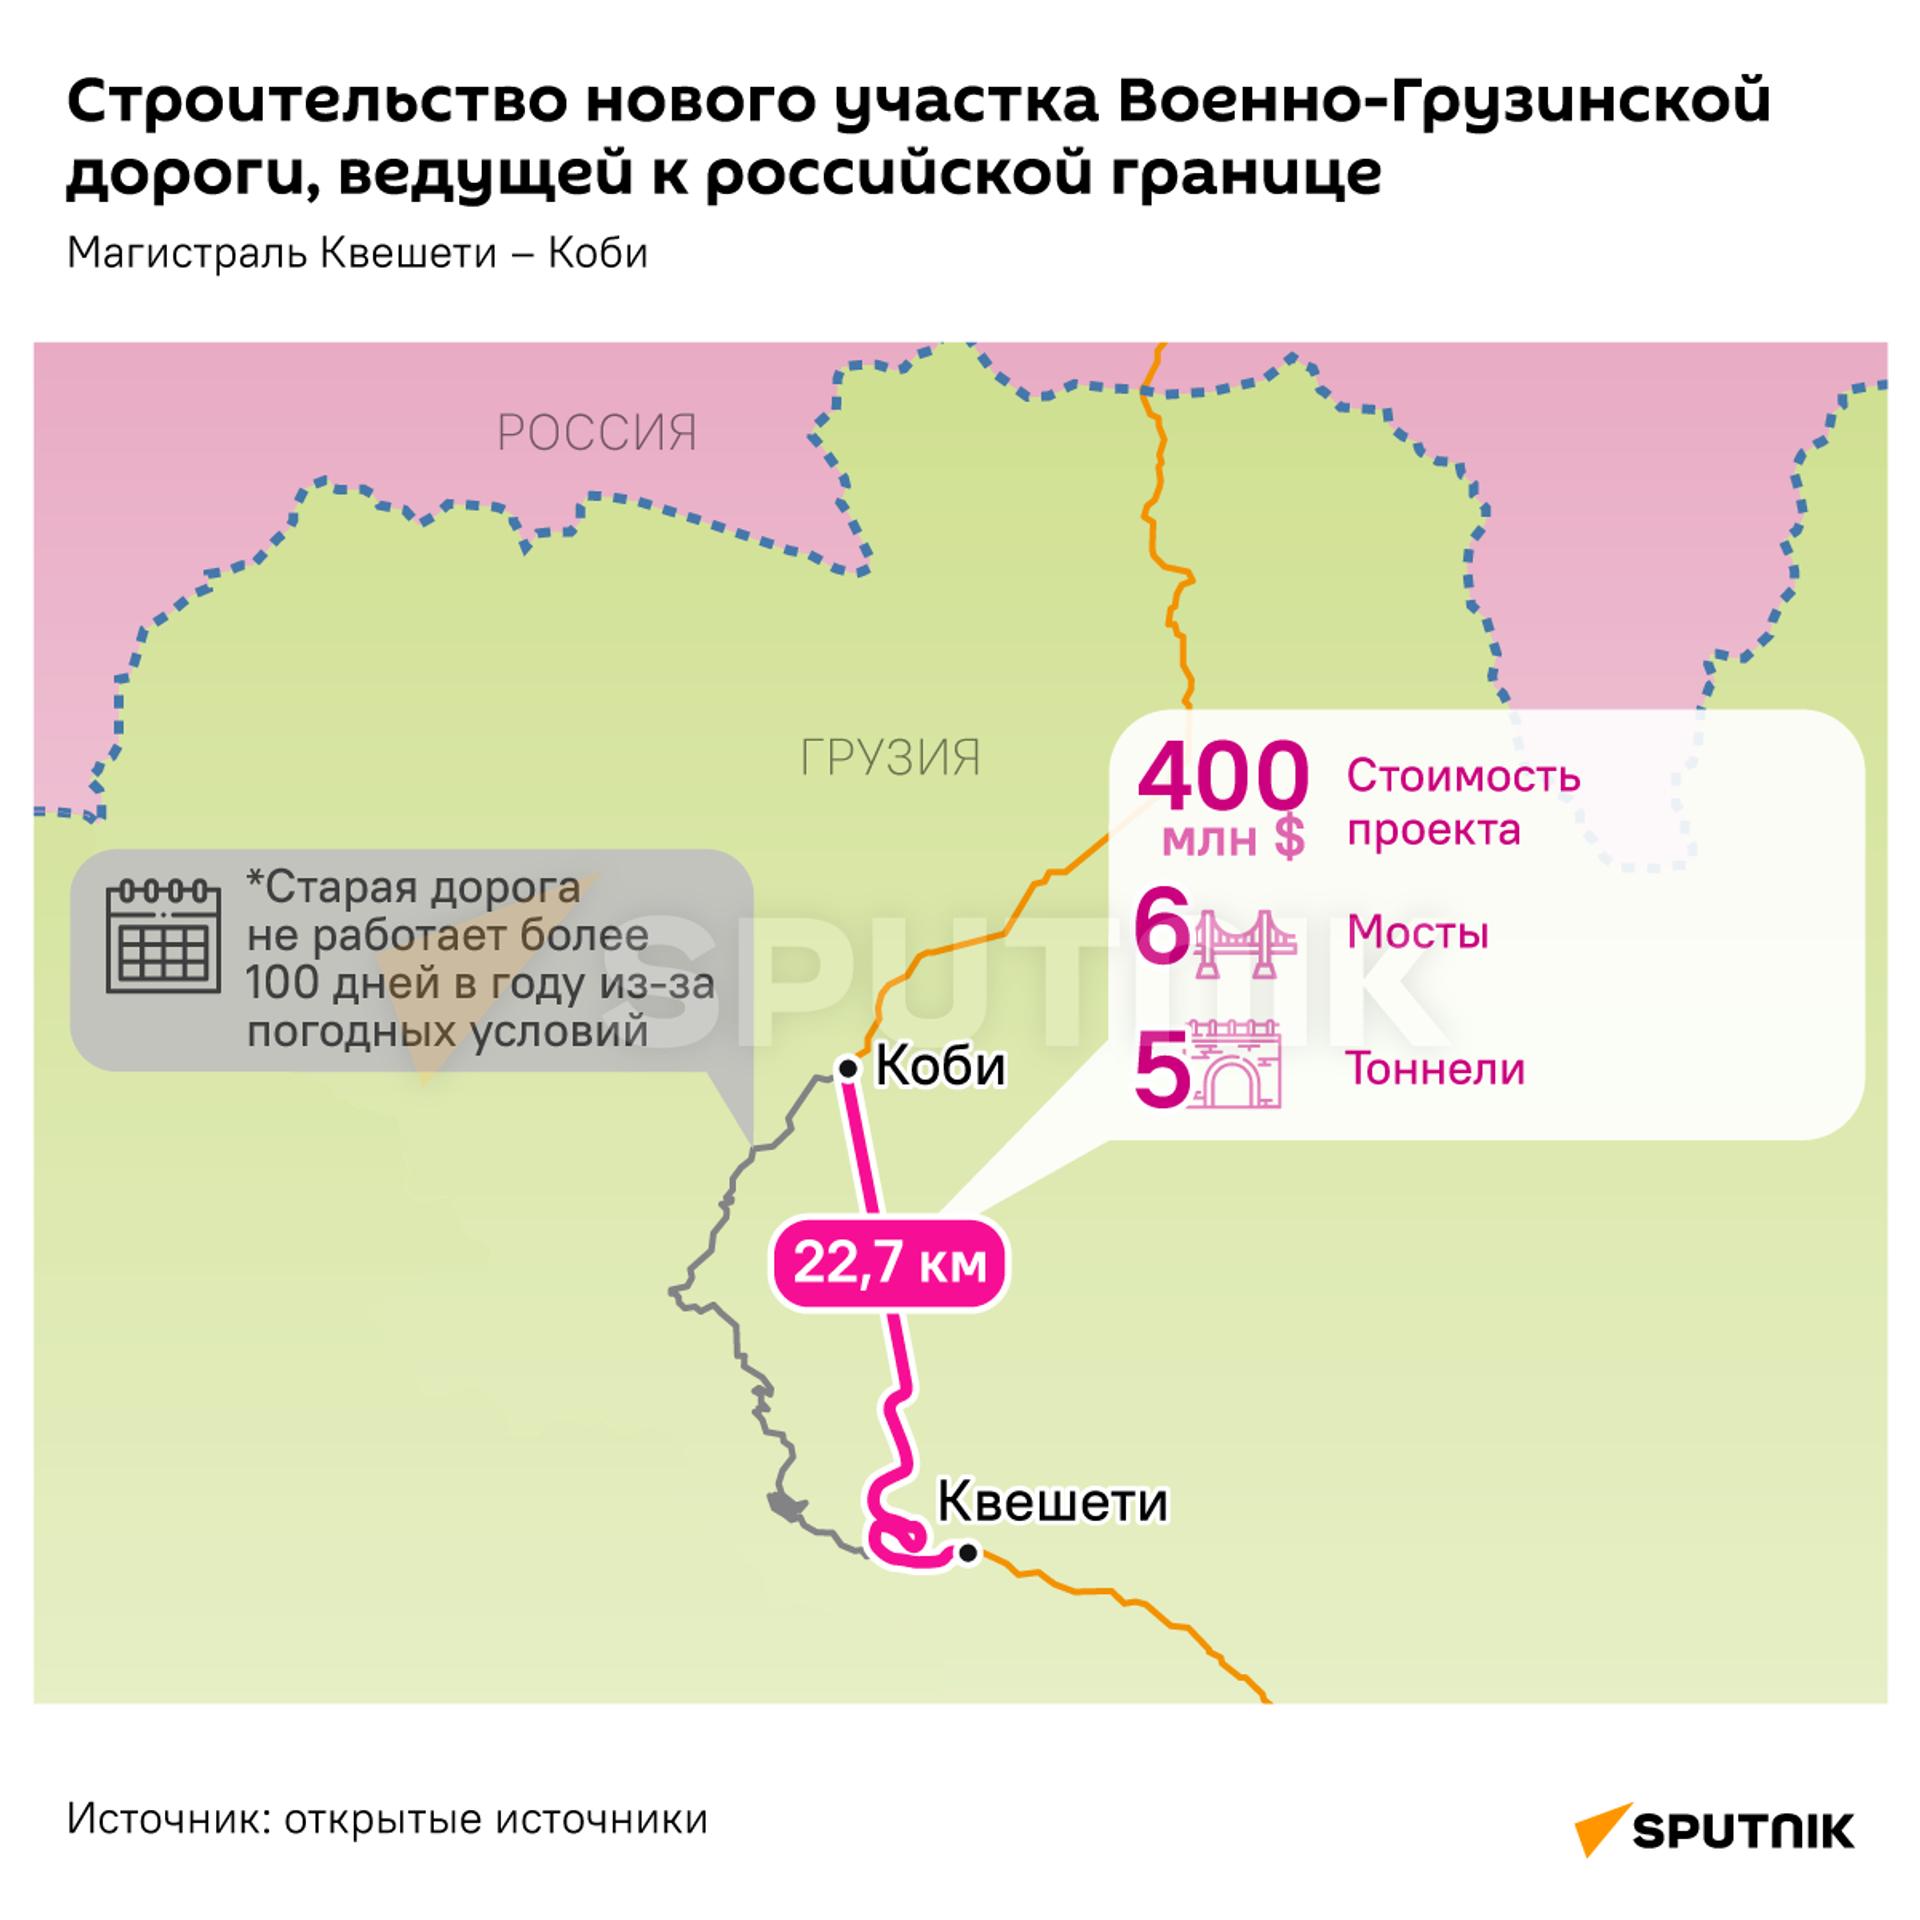 Маршрут новой дороги к грузино-российской границе - Sputnik Грузия, 1920, 23.09.2021